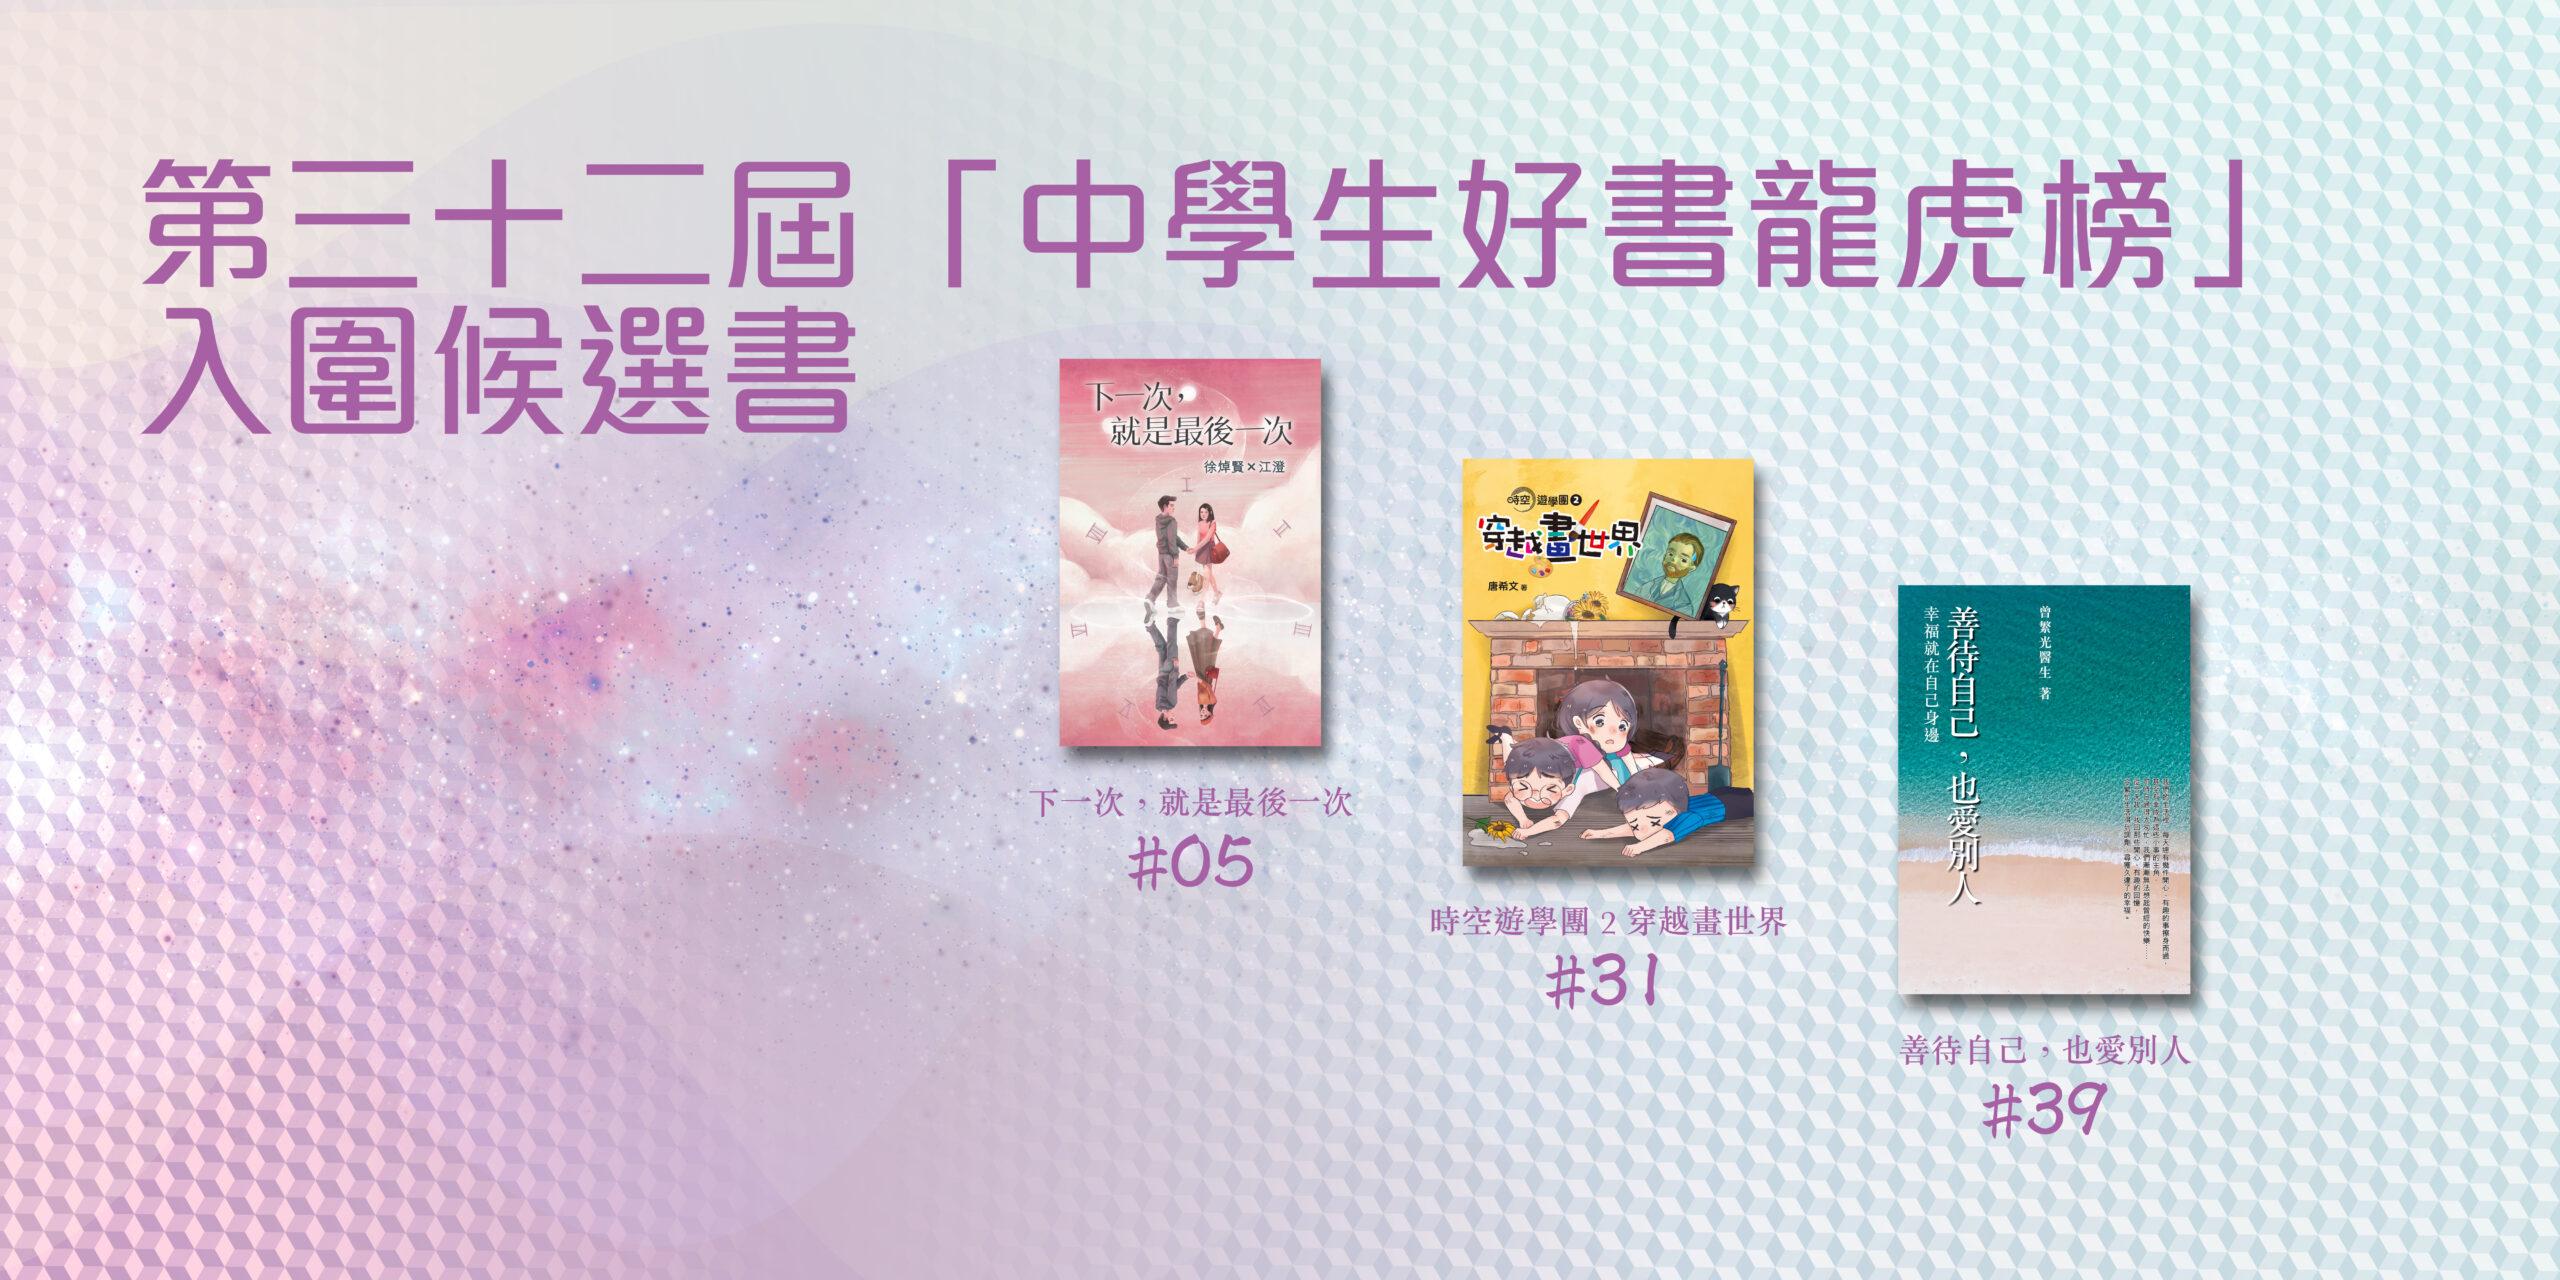 第三十二屆「中學生好書龍虎榜」入圍候選書new